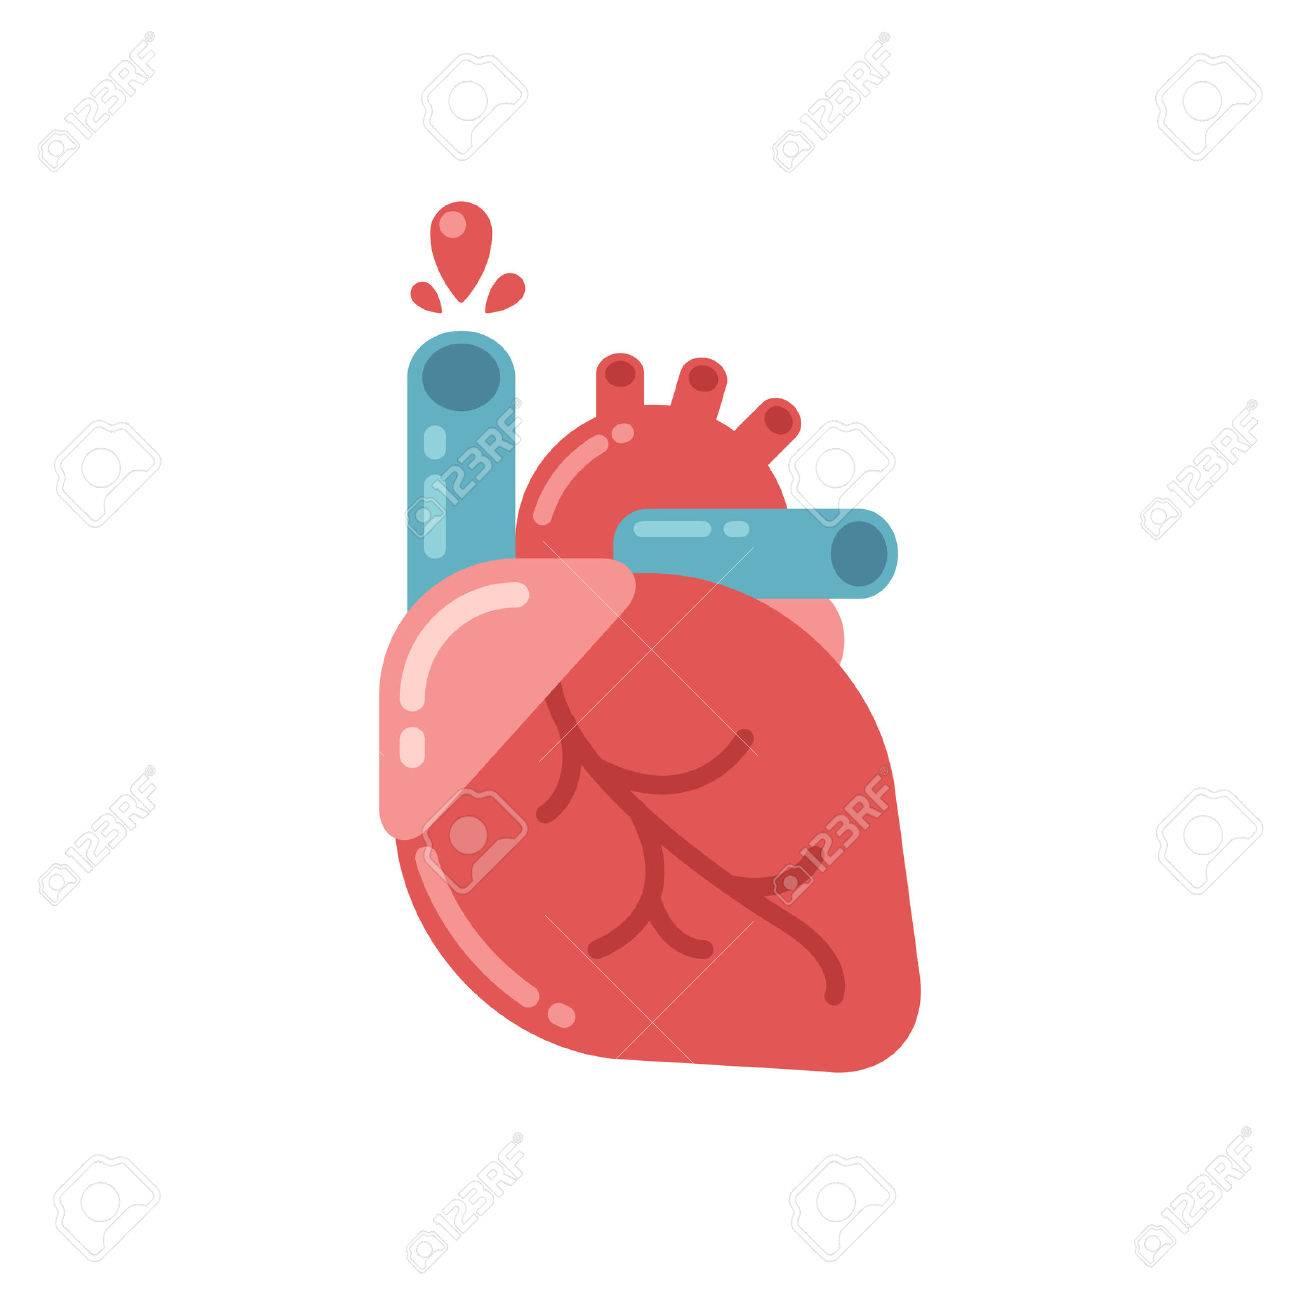 Estilizada Icono De La Anatomía Del Corazón Humano. Estilo De ...